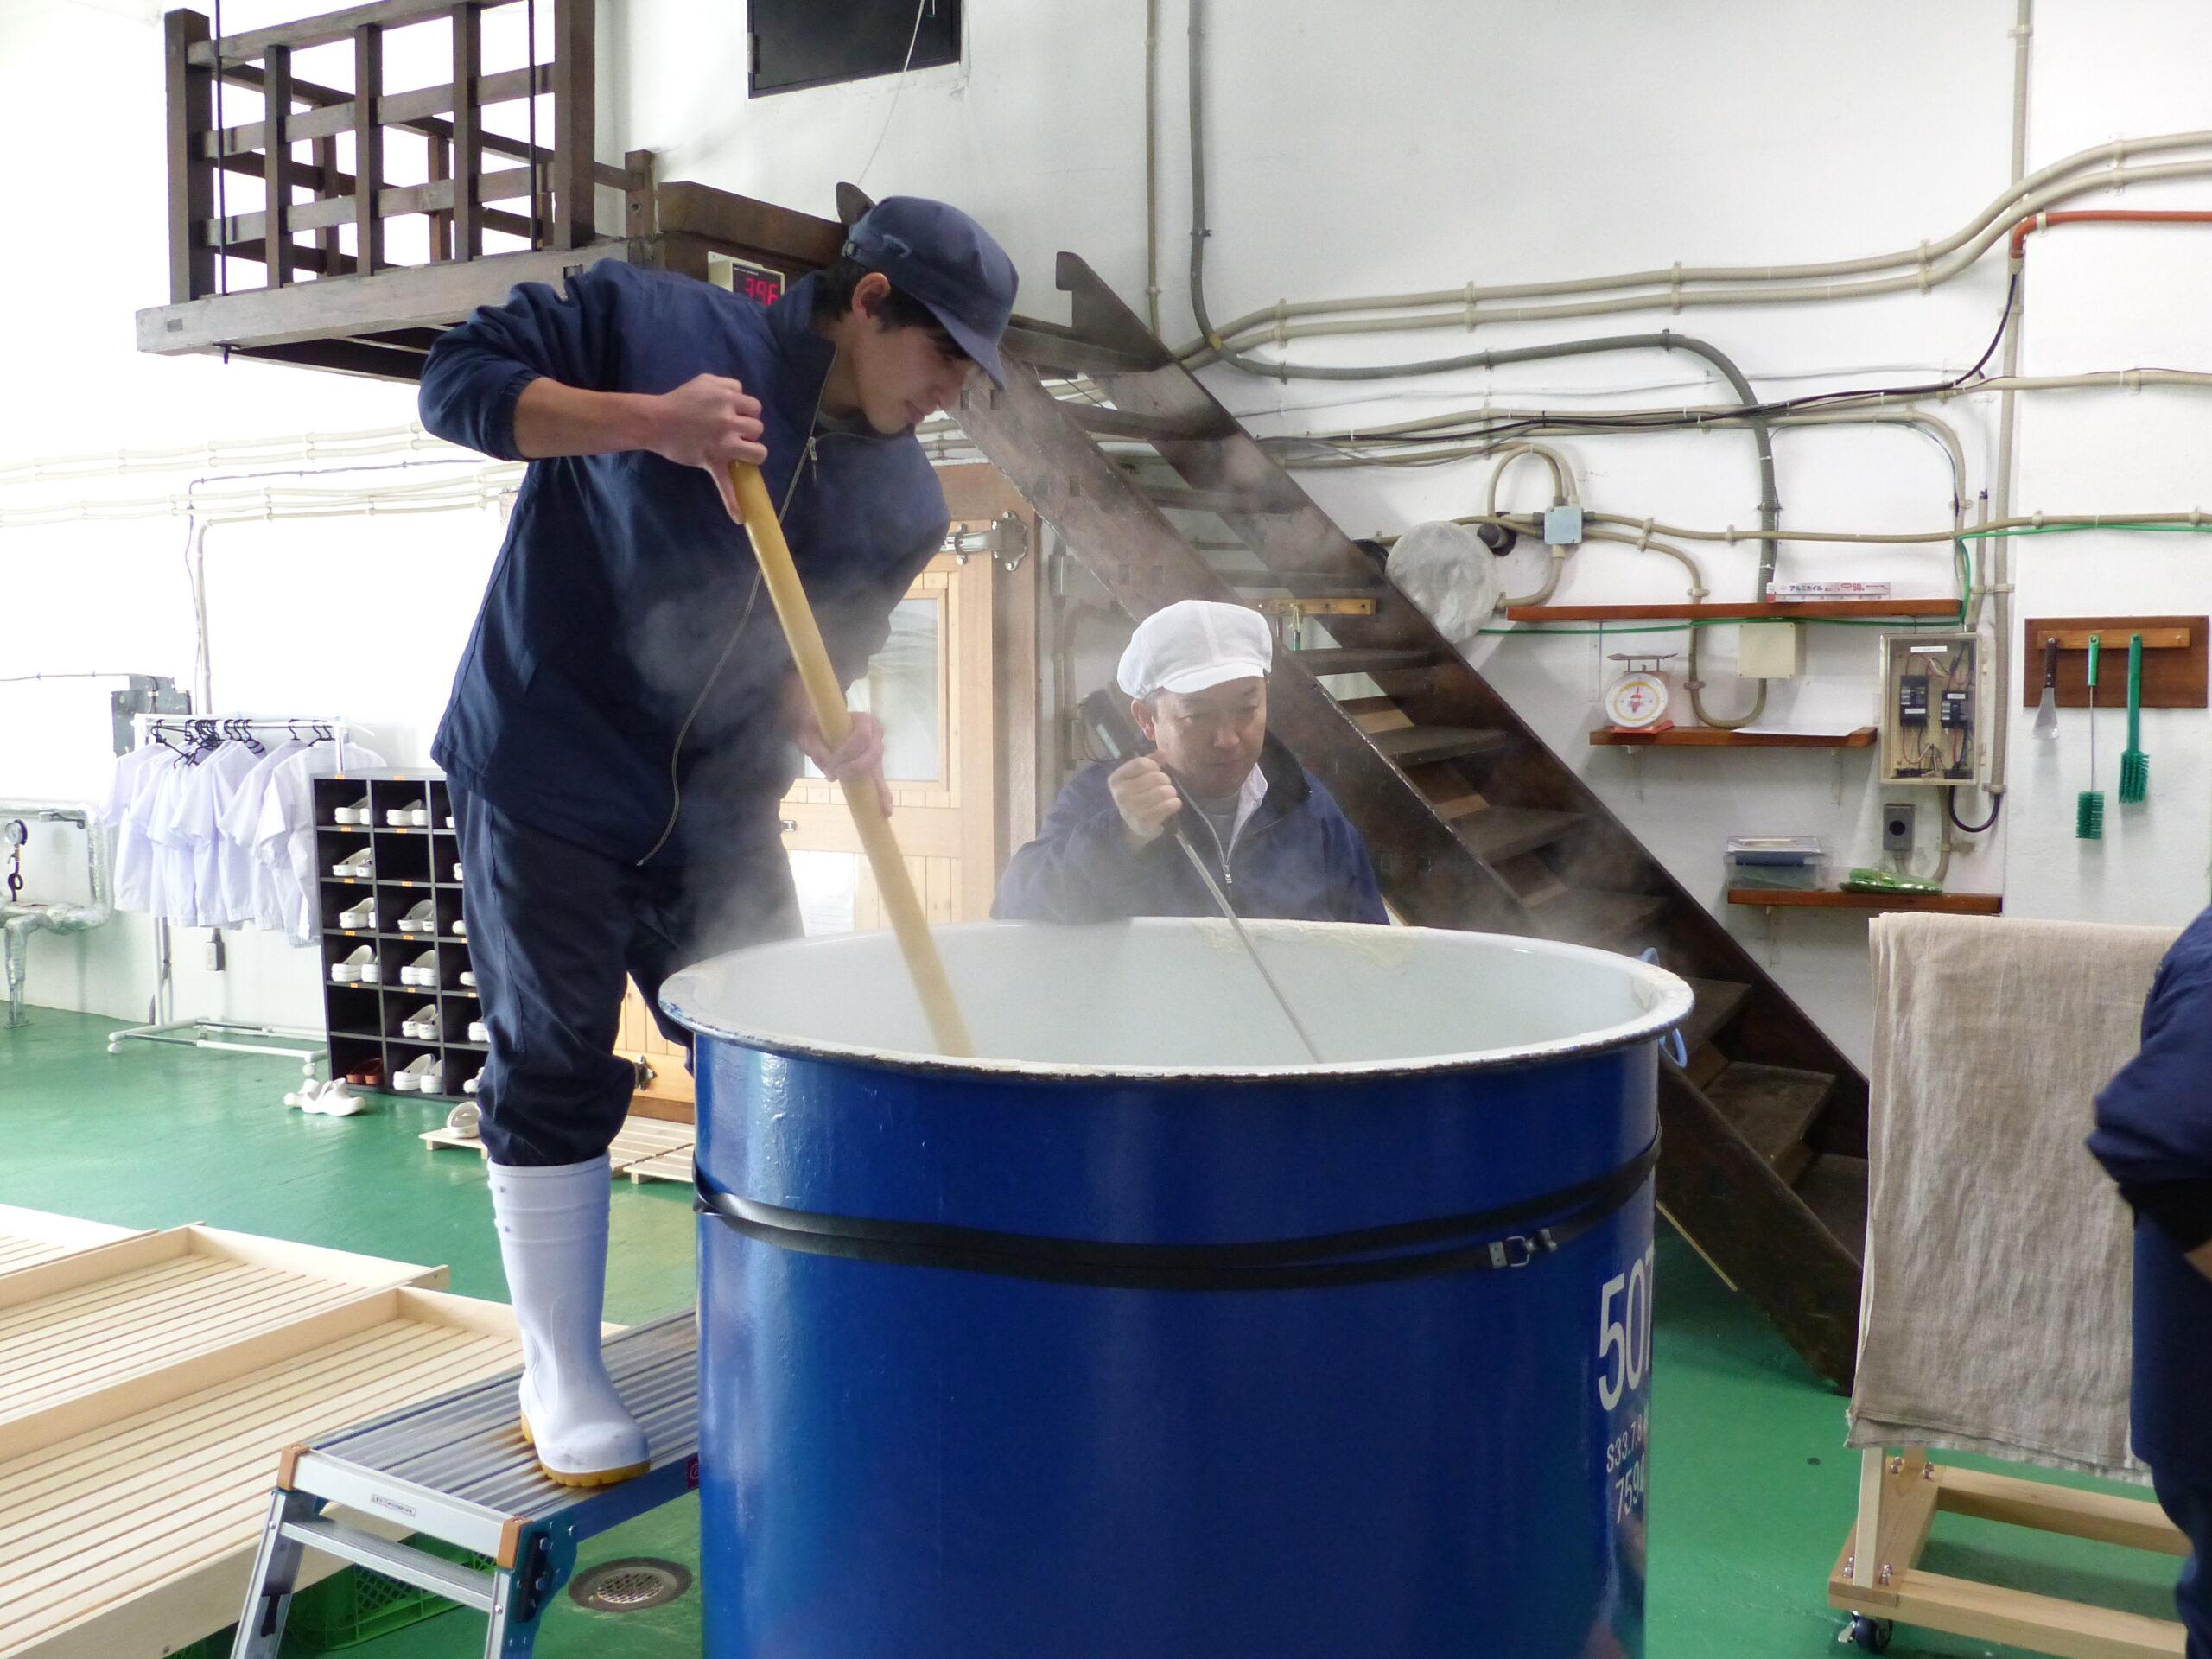 次代の生産者となる学生たちと日本酒の未来を繋ぐプロジェクト始動 「旭農高(きょくのうこう) 日本酒プロジェクト ~未来に繋げ!あさひかWA 地域ブランド確立への道~」